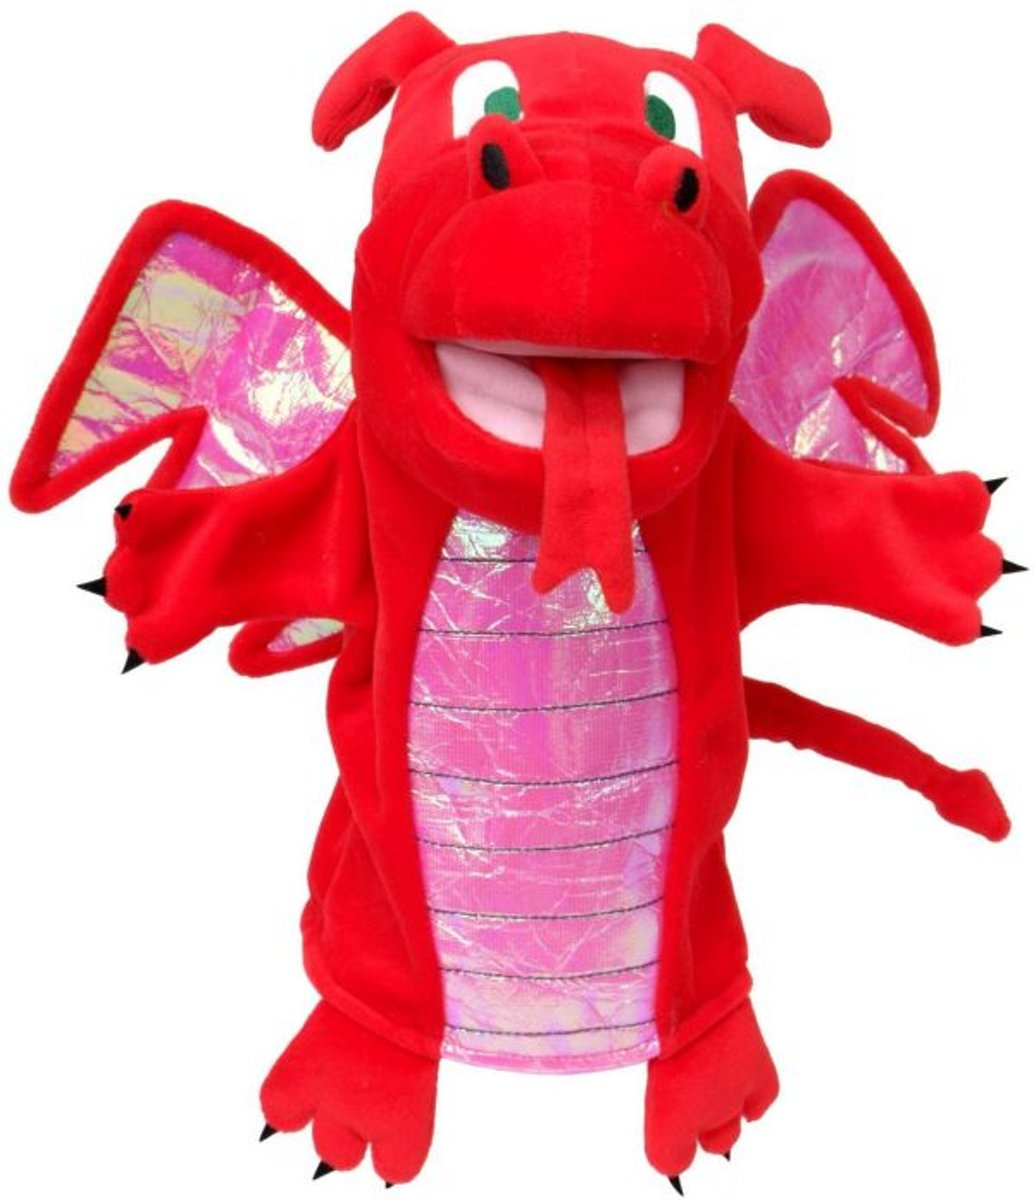 Fiesta Crafts Red Dragon Hand Puppet